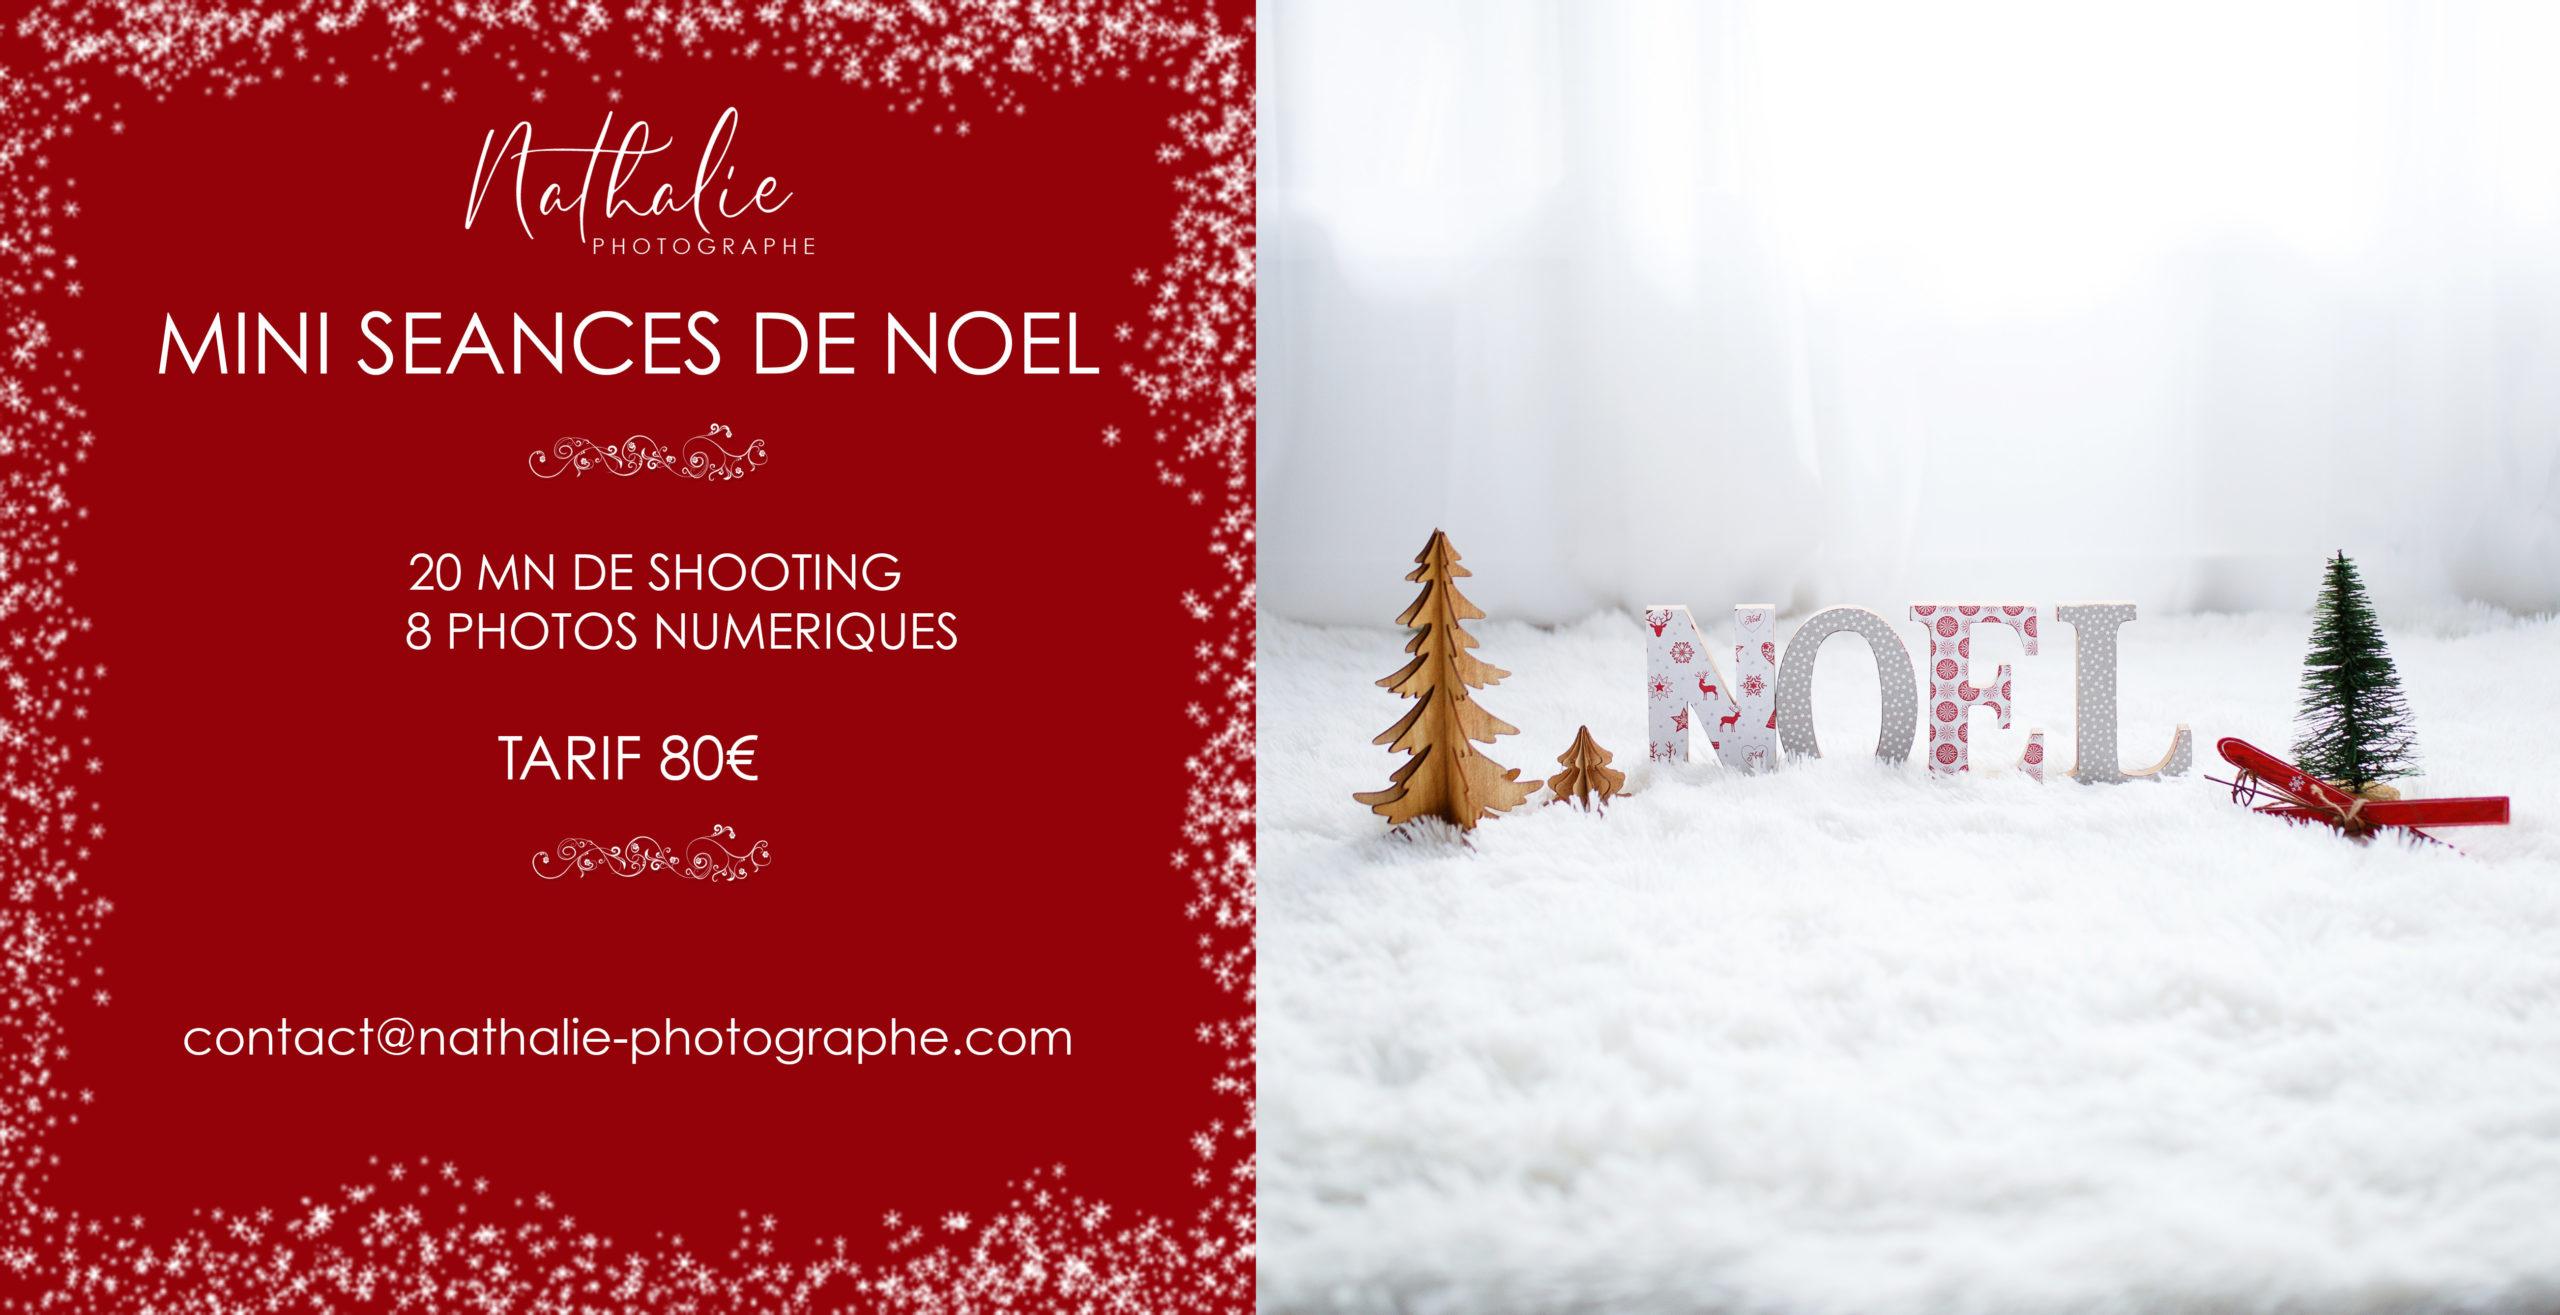 Offre spéciale Noël mini séances